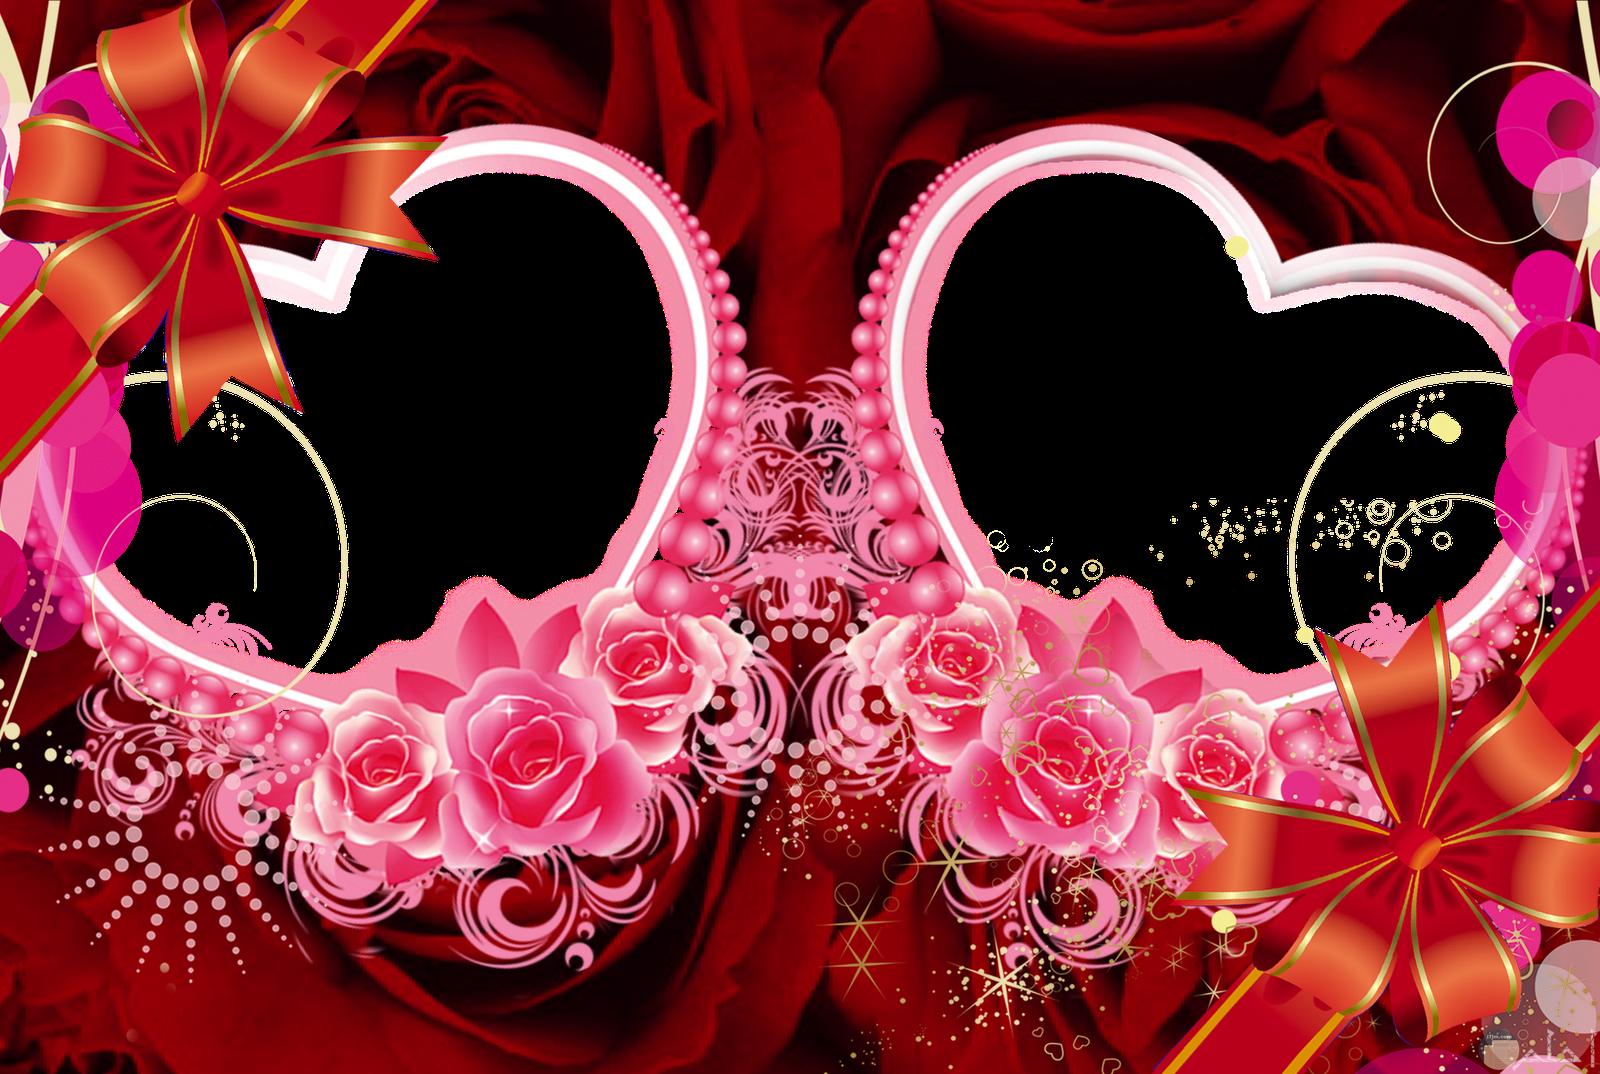 تحميل 10 صور قلوب فارغة للتصميم رومانسية جدا